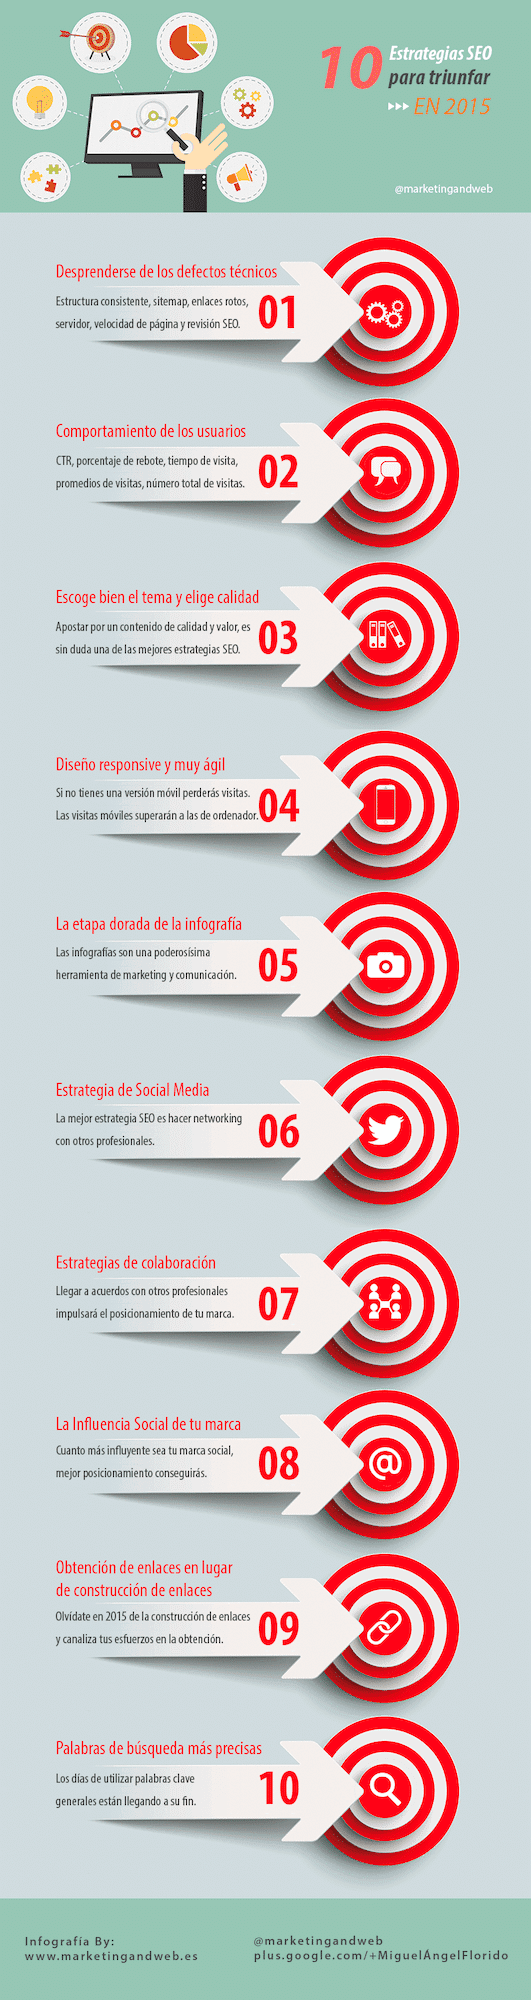 mejores estrategias seo para posicionar tu web